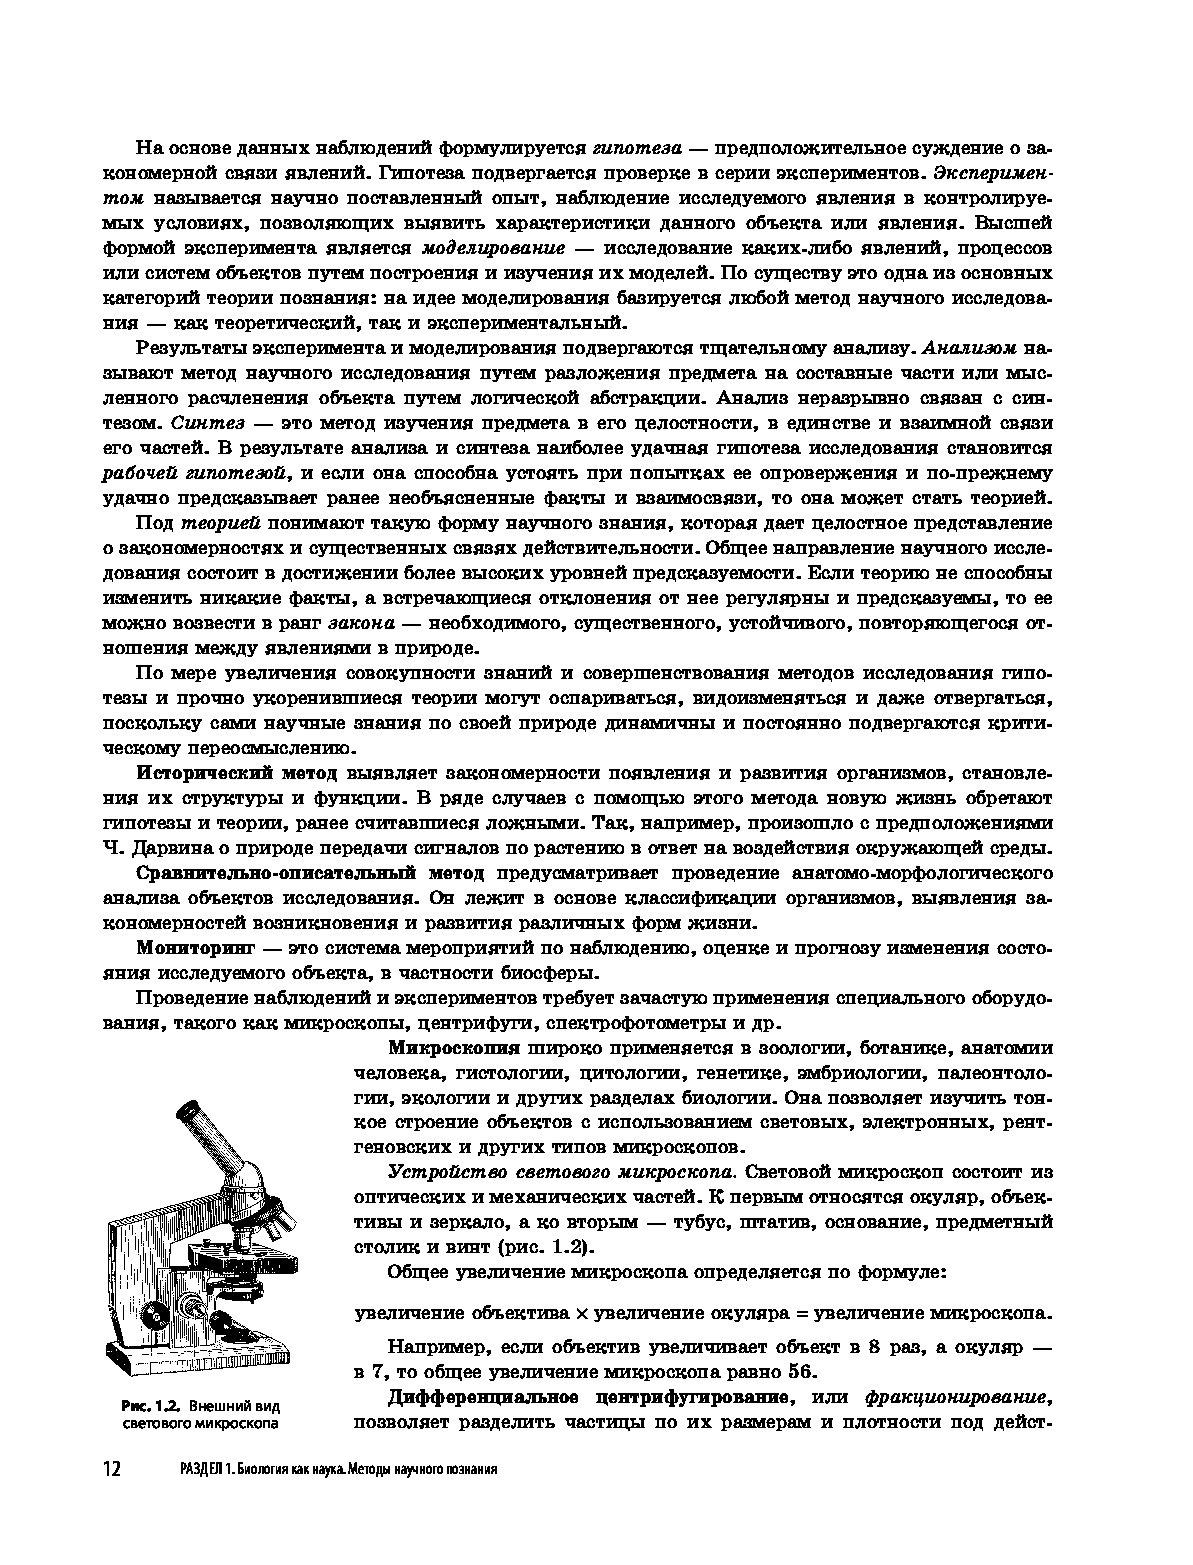 егэ биология универсальный справочник скачать